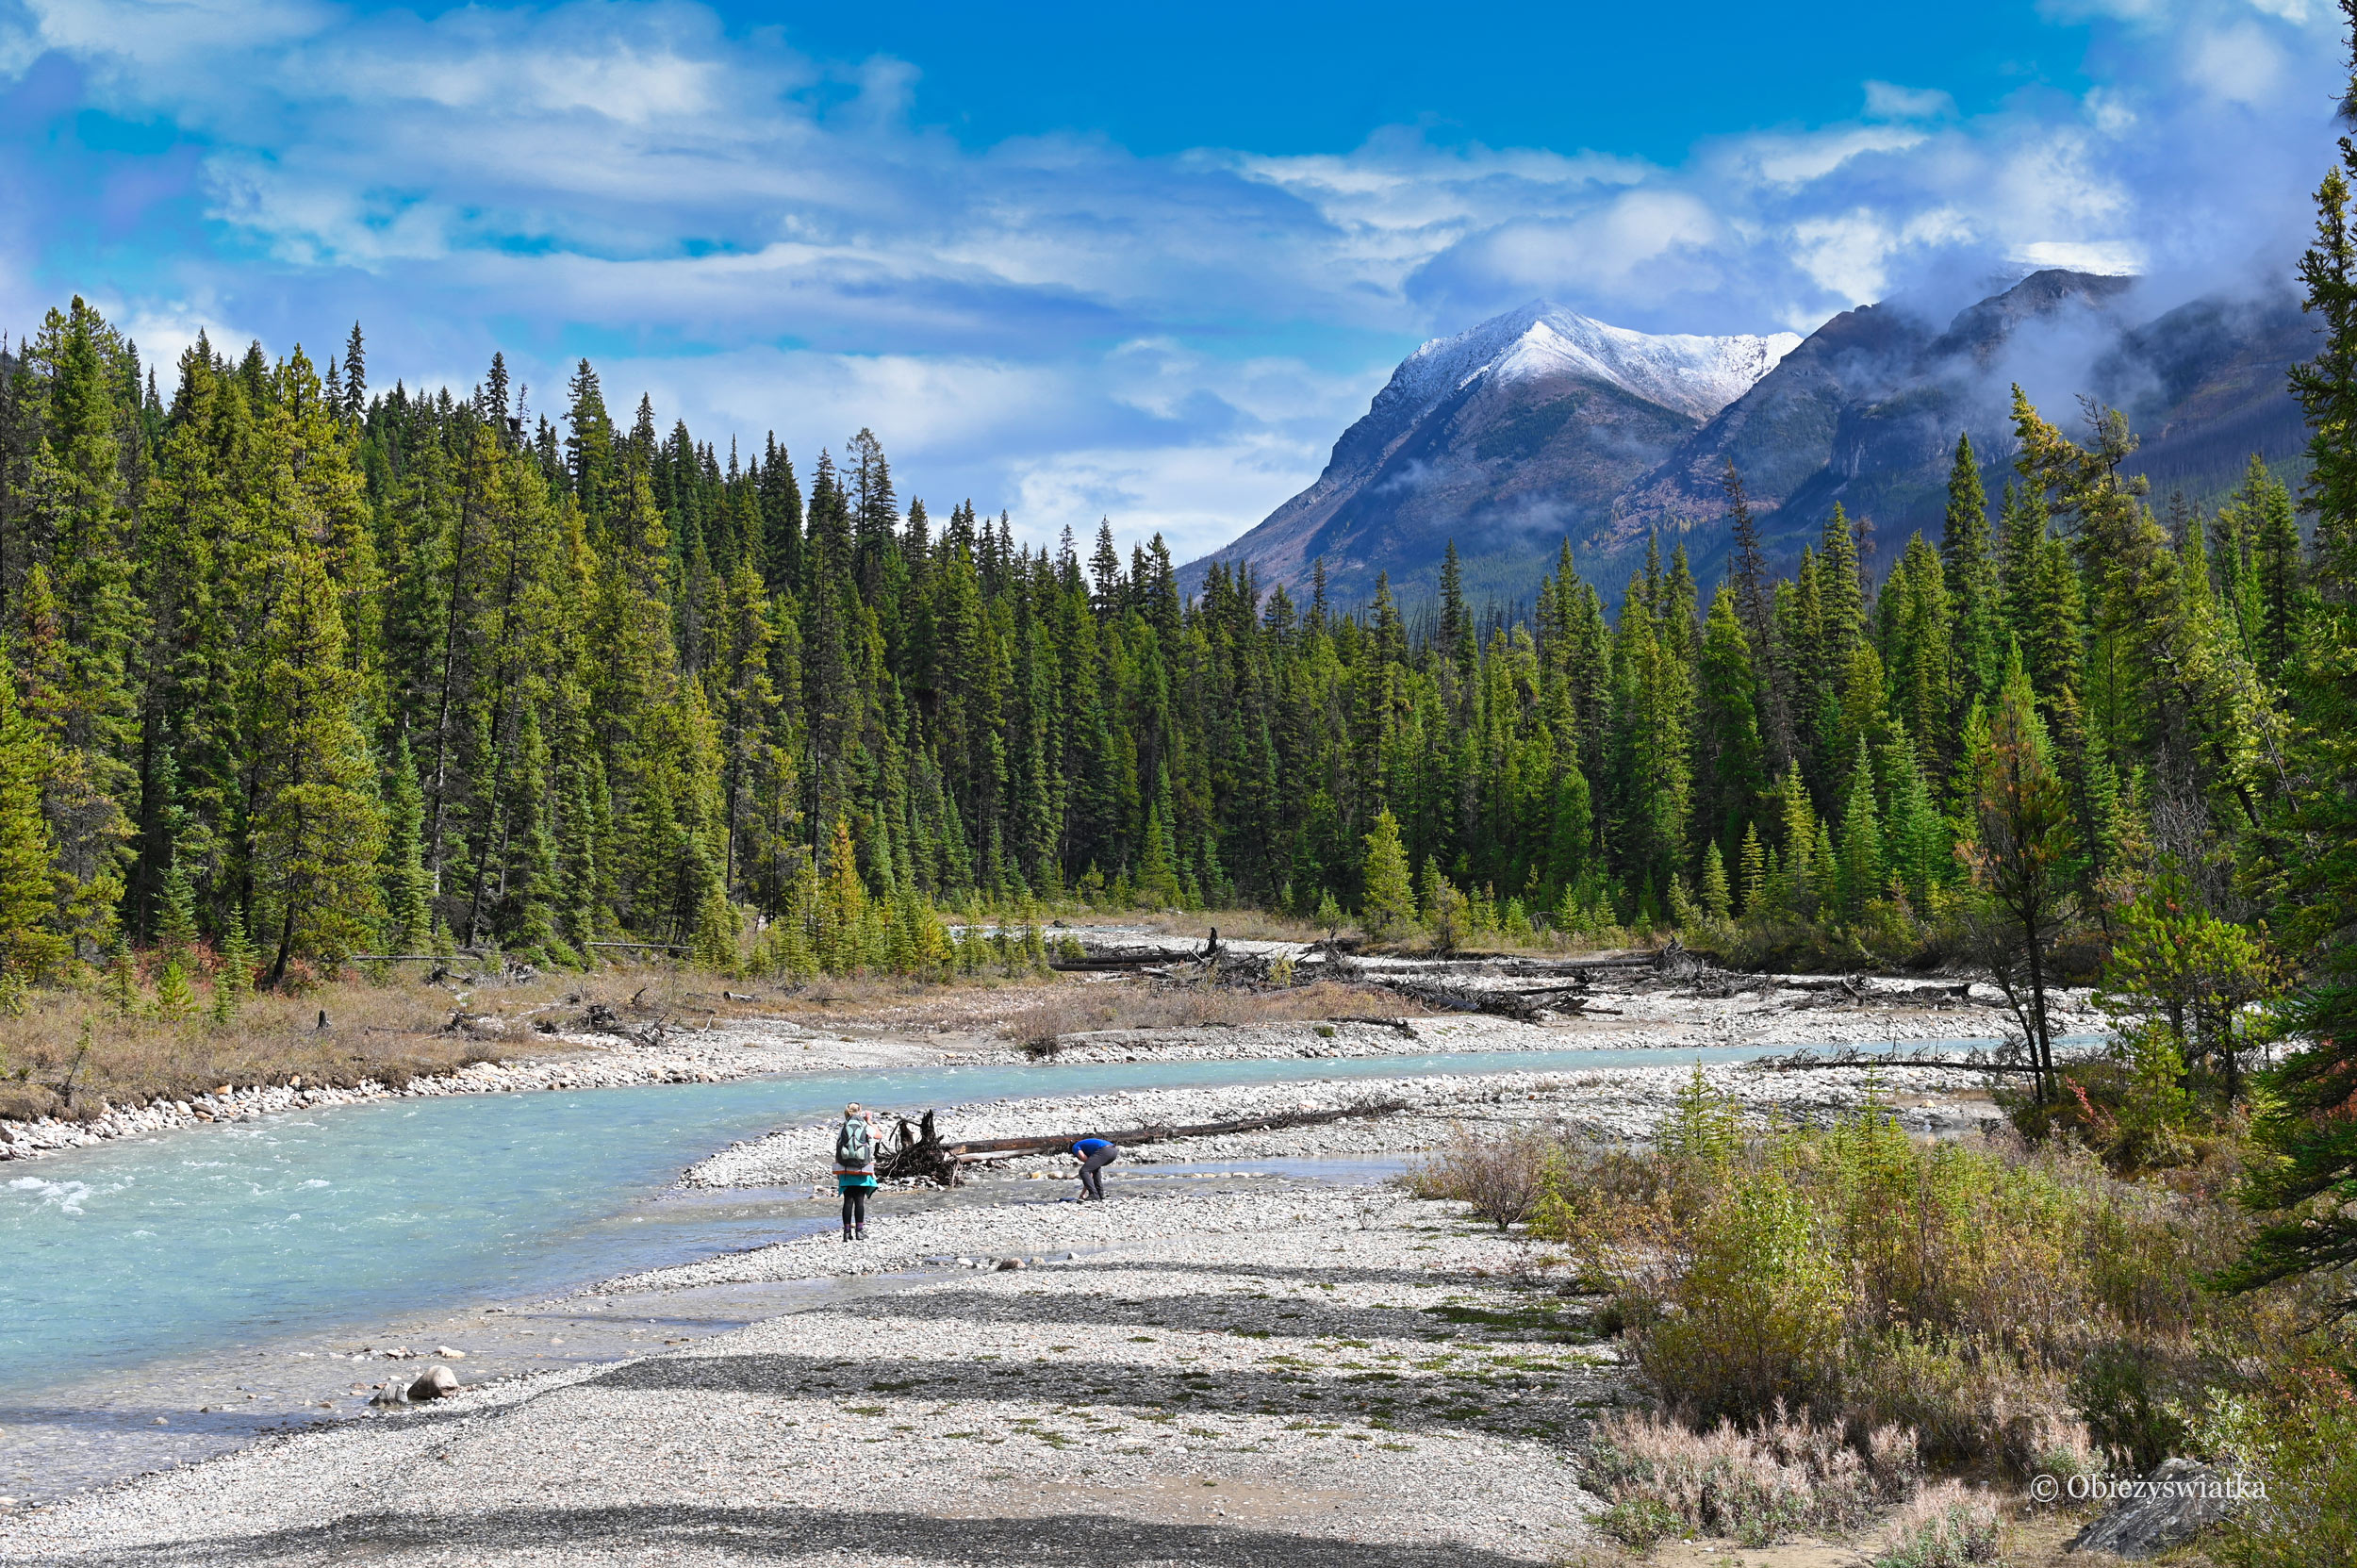 Czysta woda, piękne widoki, góry i las - Kootenay National Park, Kanada